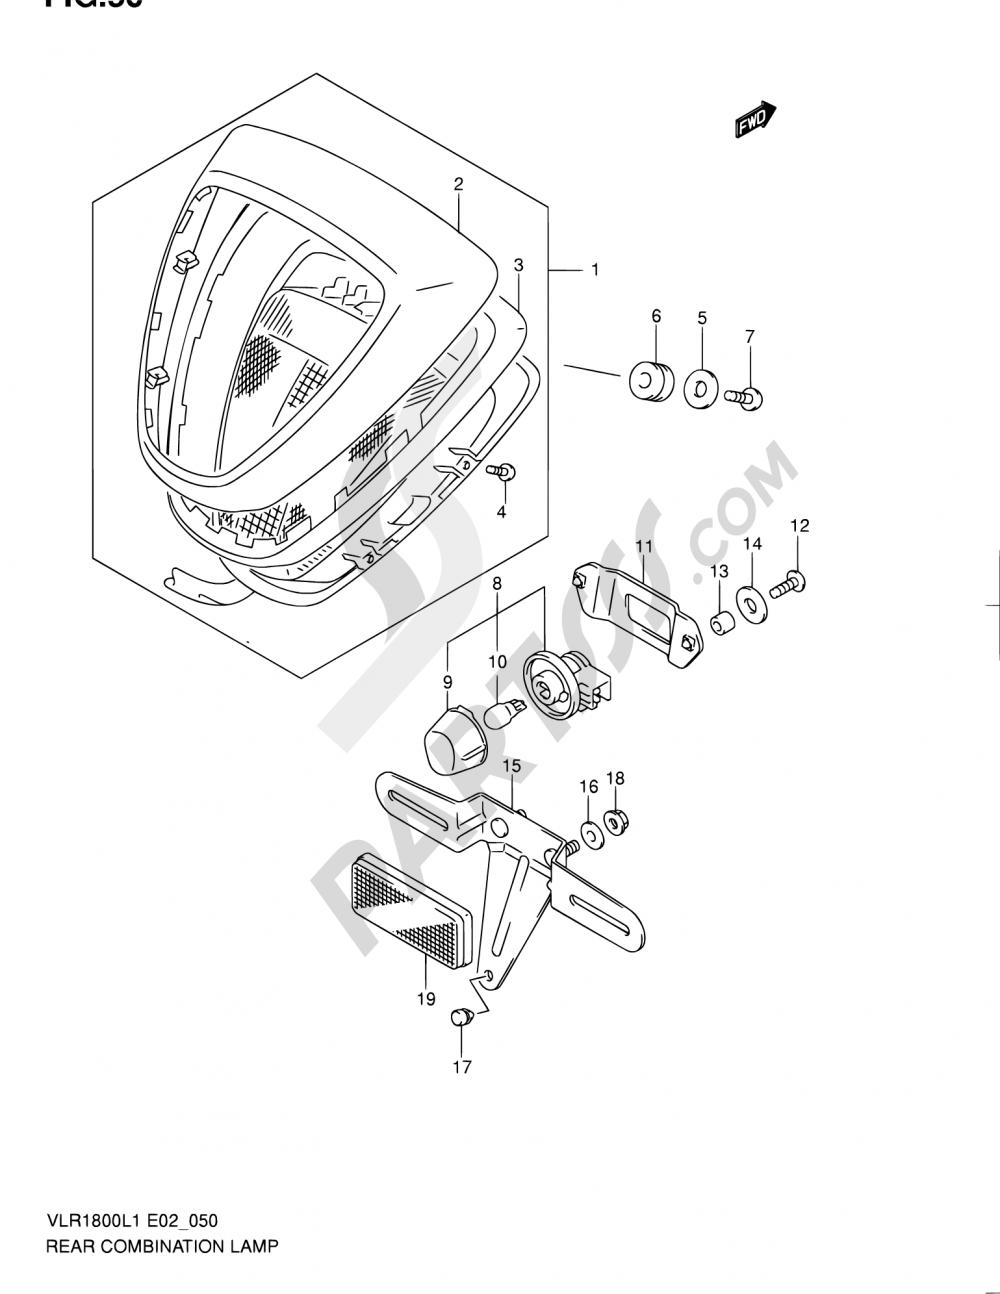 50 - REAR COMBINATION LAMP (VLR1800TL1 E19) Suzuki INTRUDER VLR1800T 2011